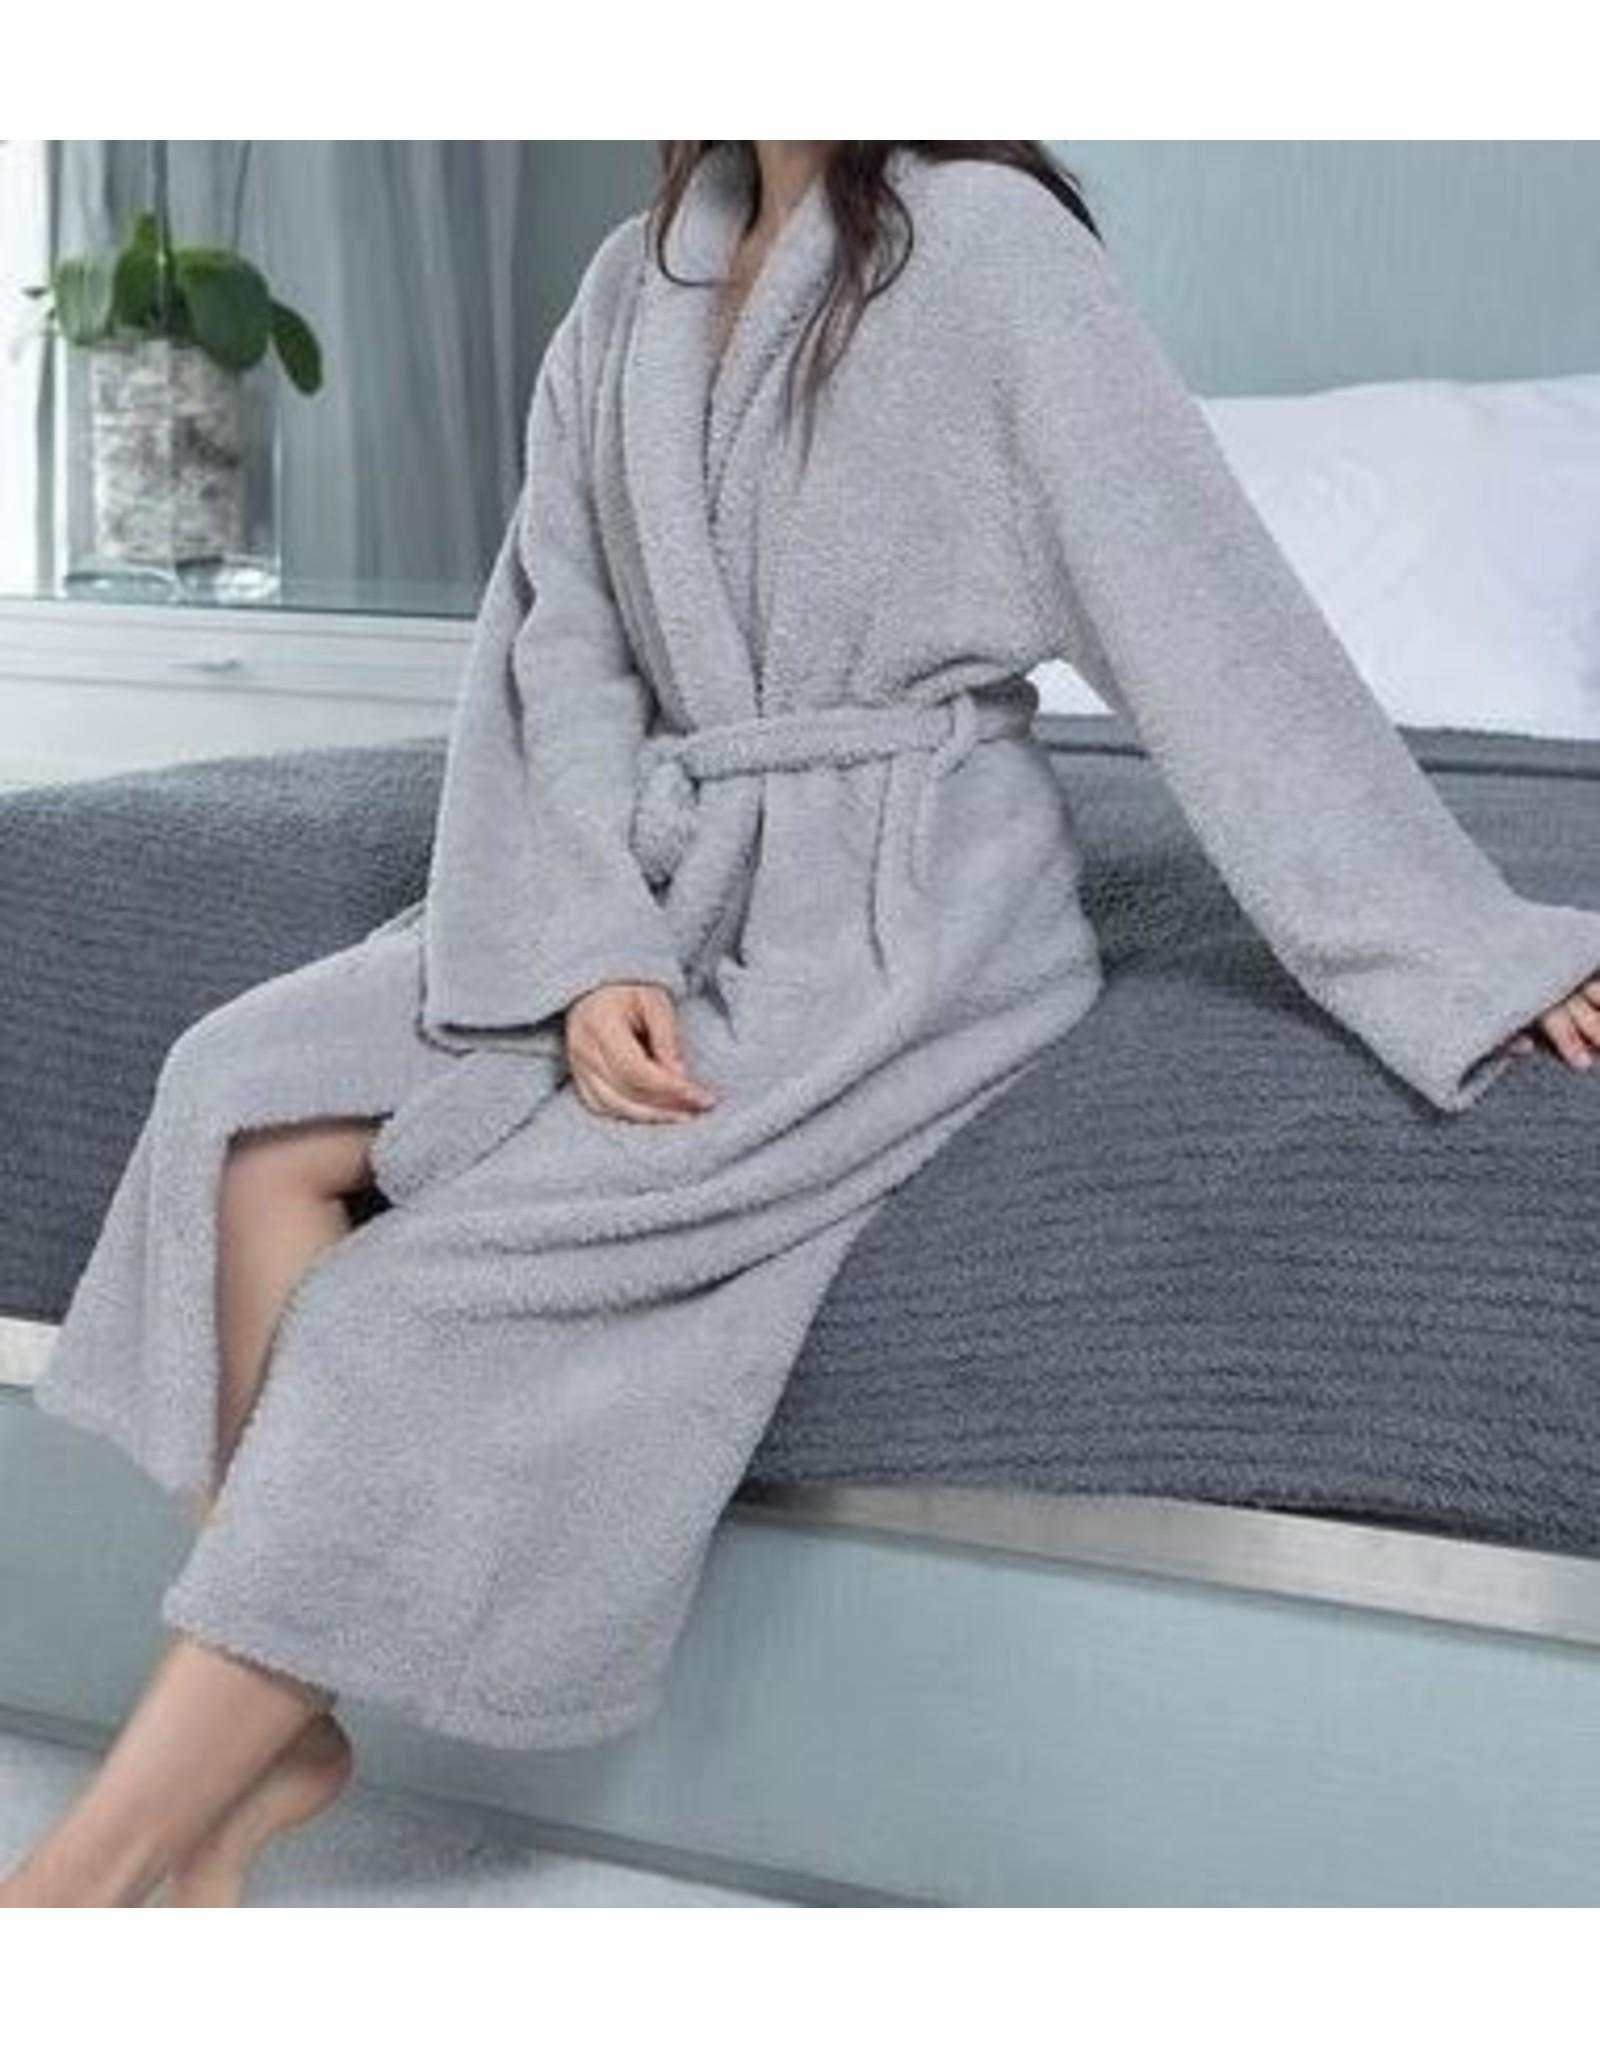 Barefoot Dreams Cozychic Robe - Dove Gray Small